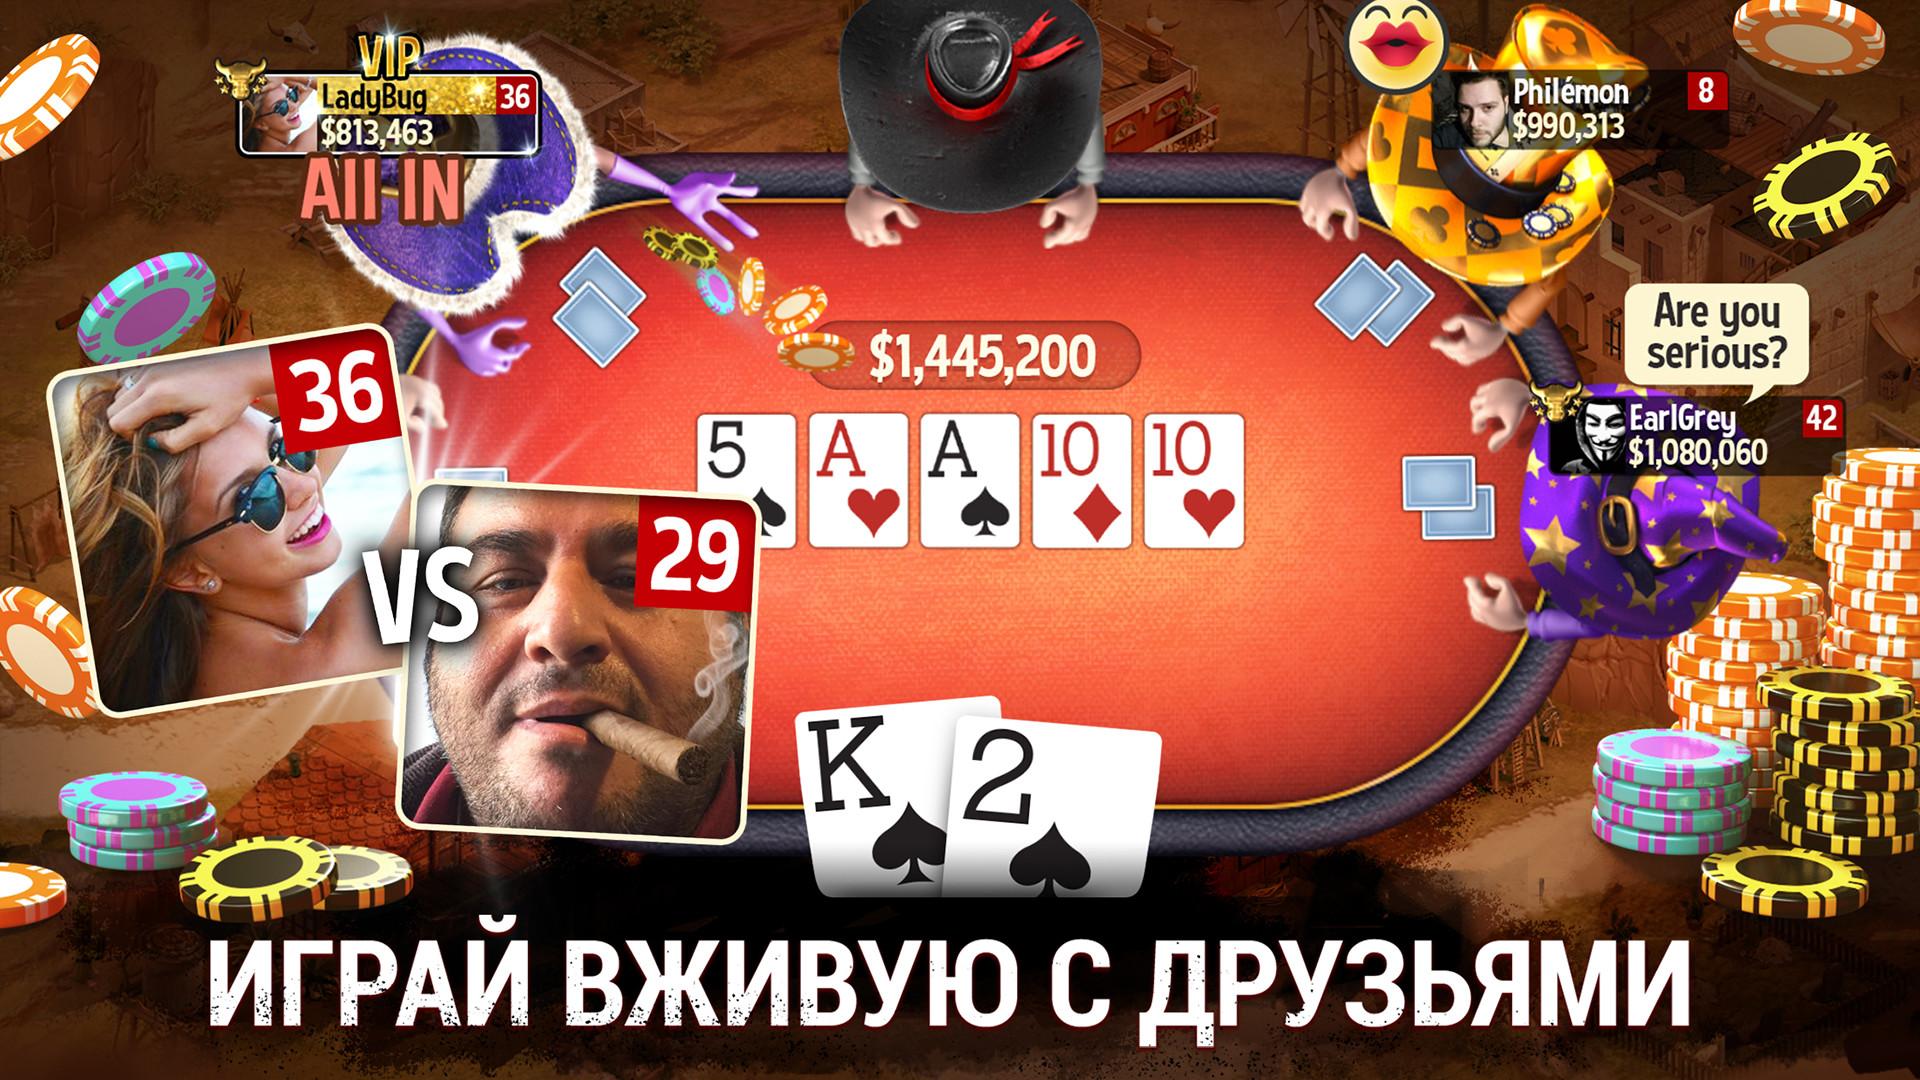 Губернатор покера 1 на русском языке играть онлайн где в киеве есть казино